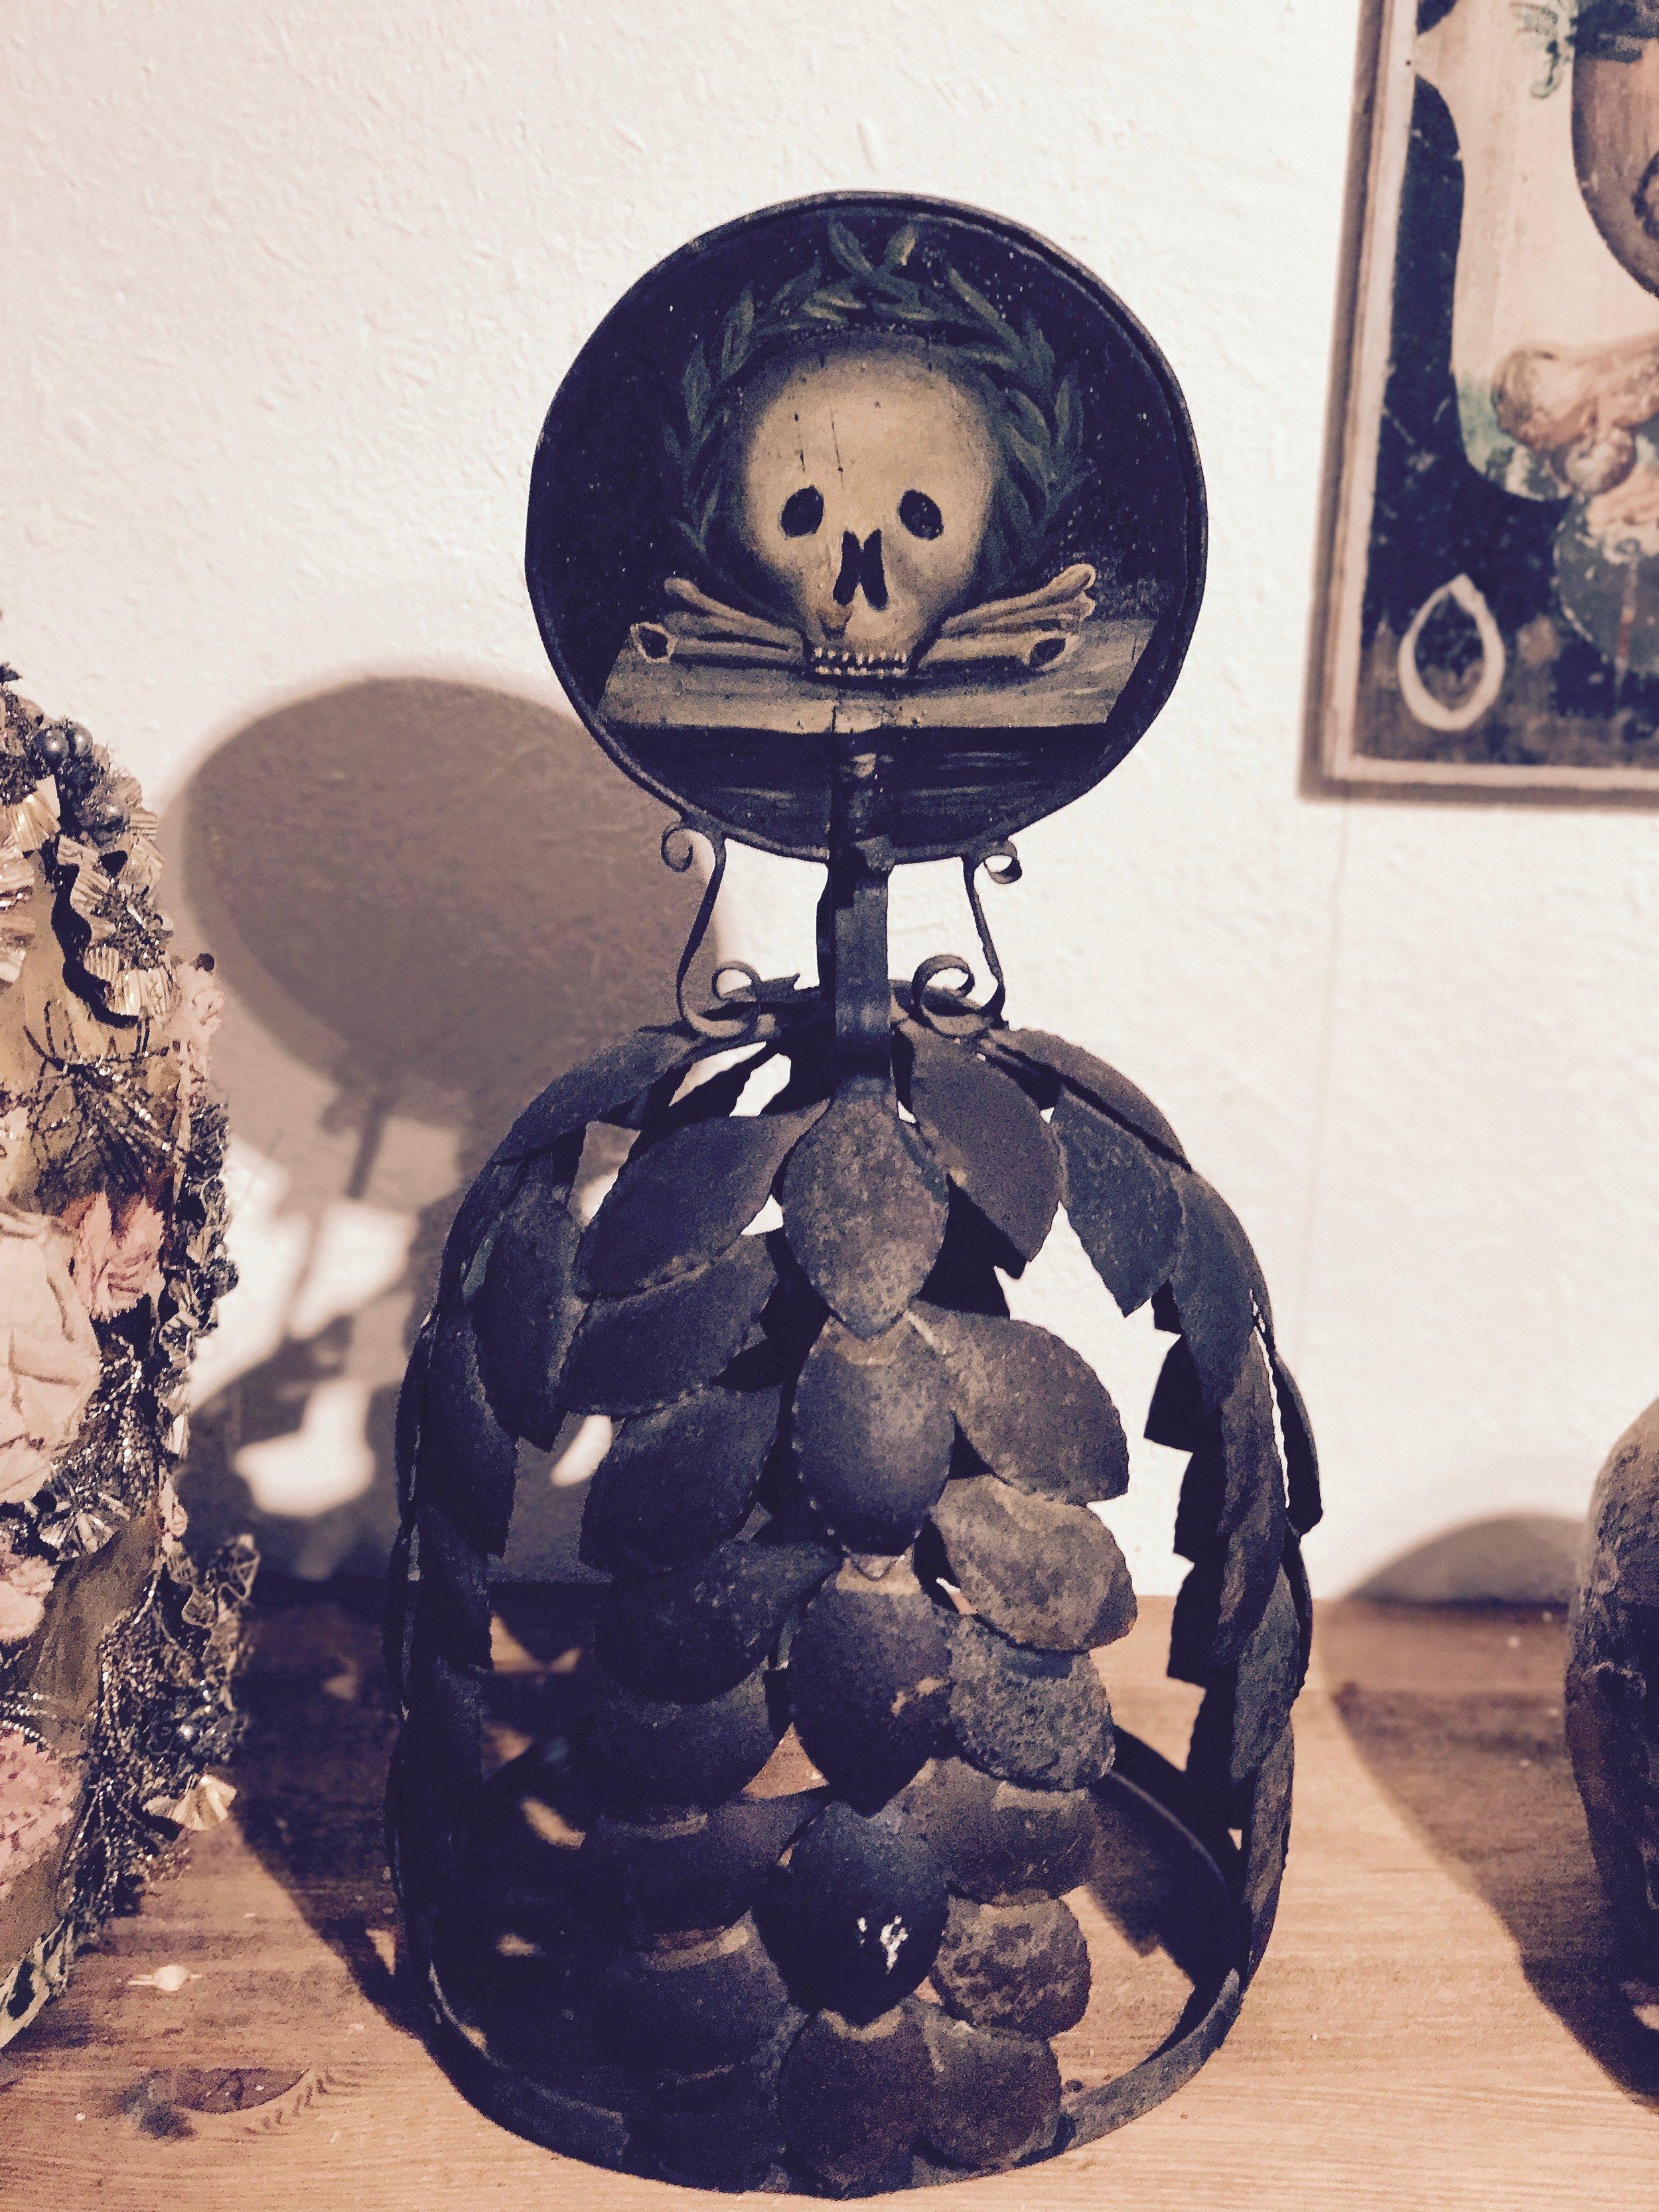 Totenkrone (death crown)